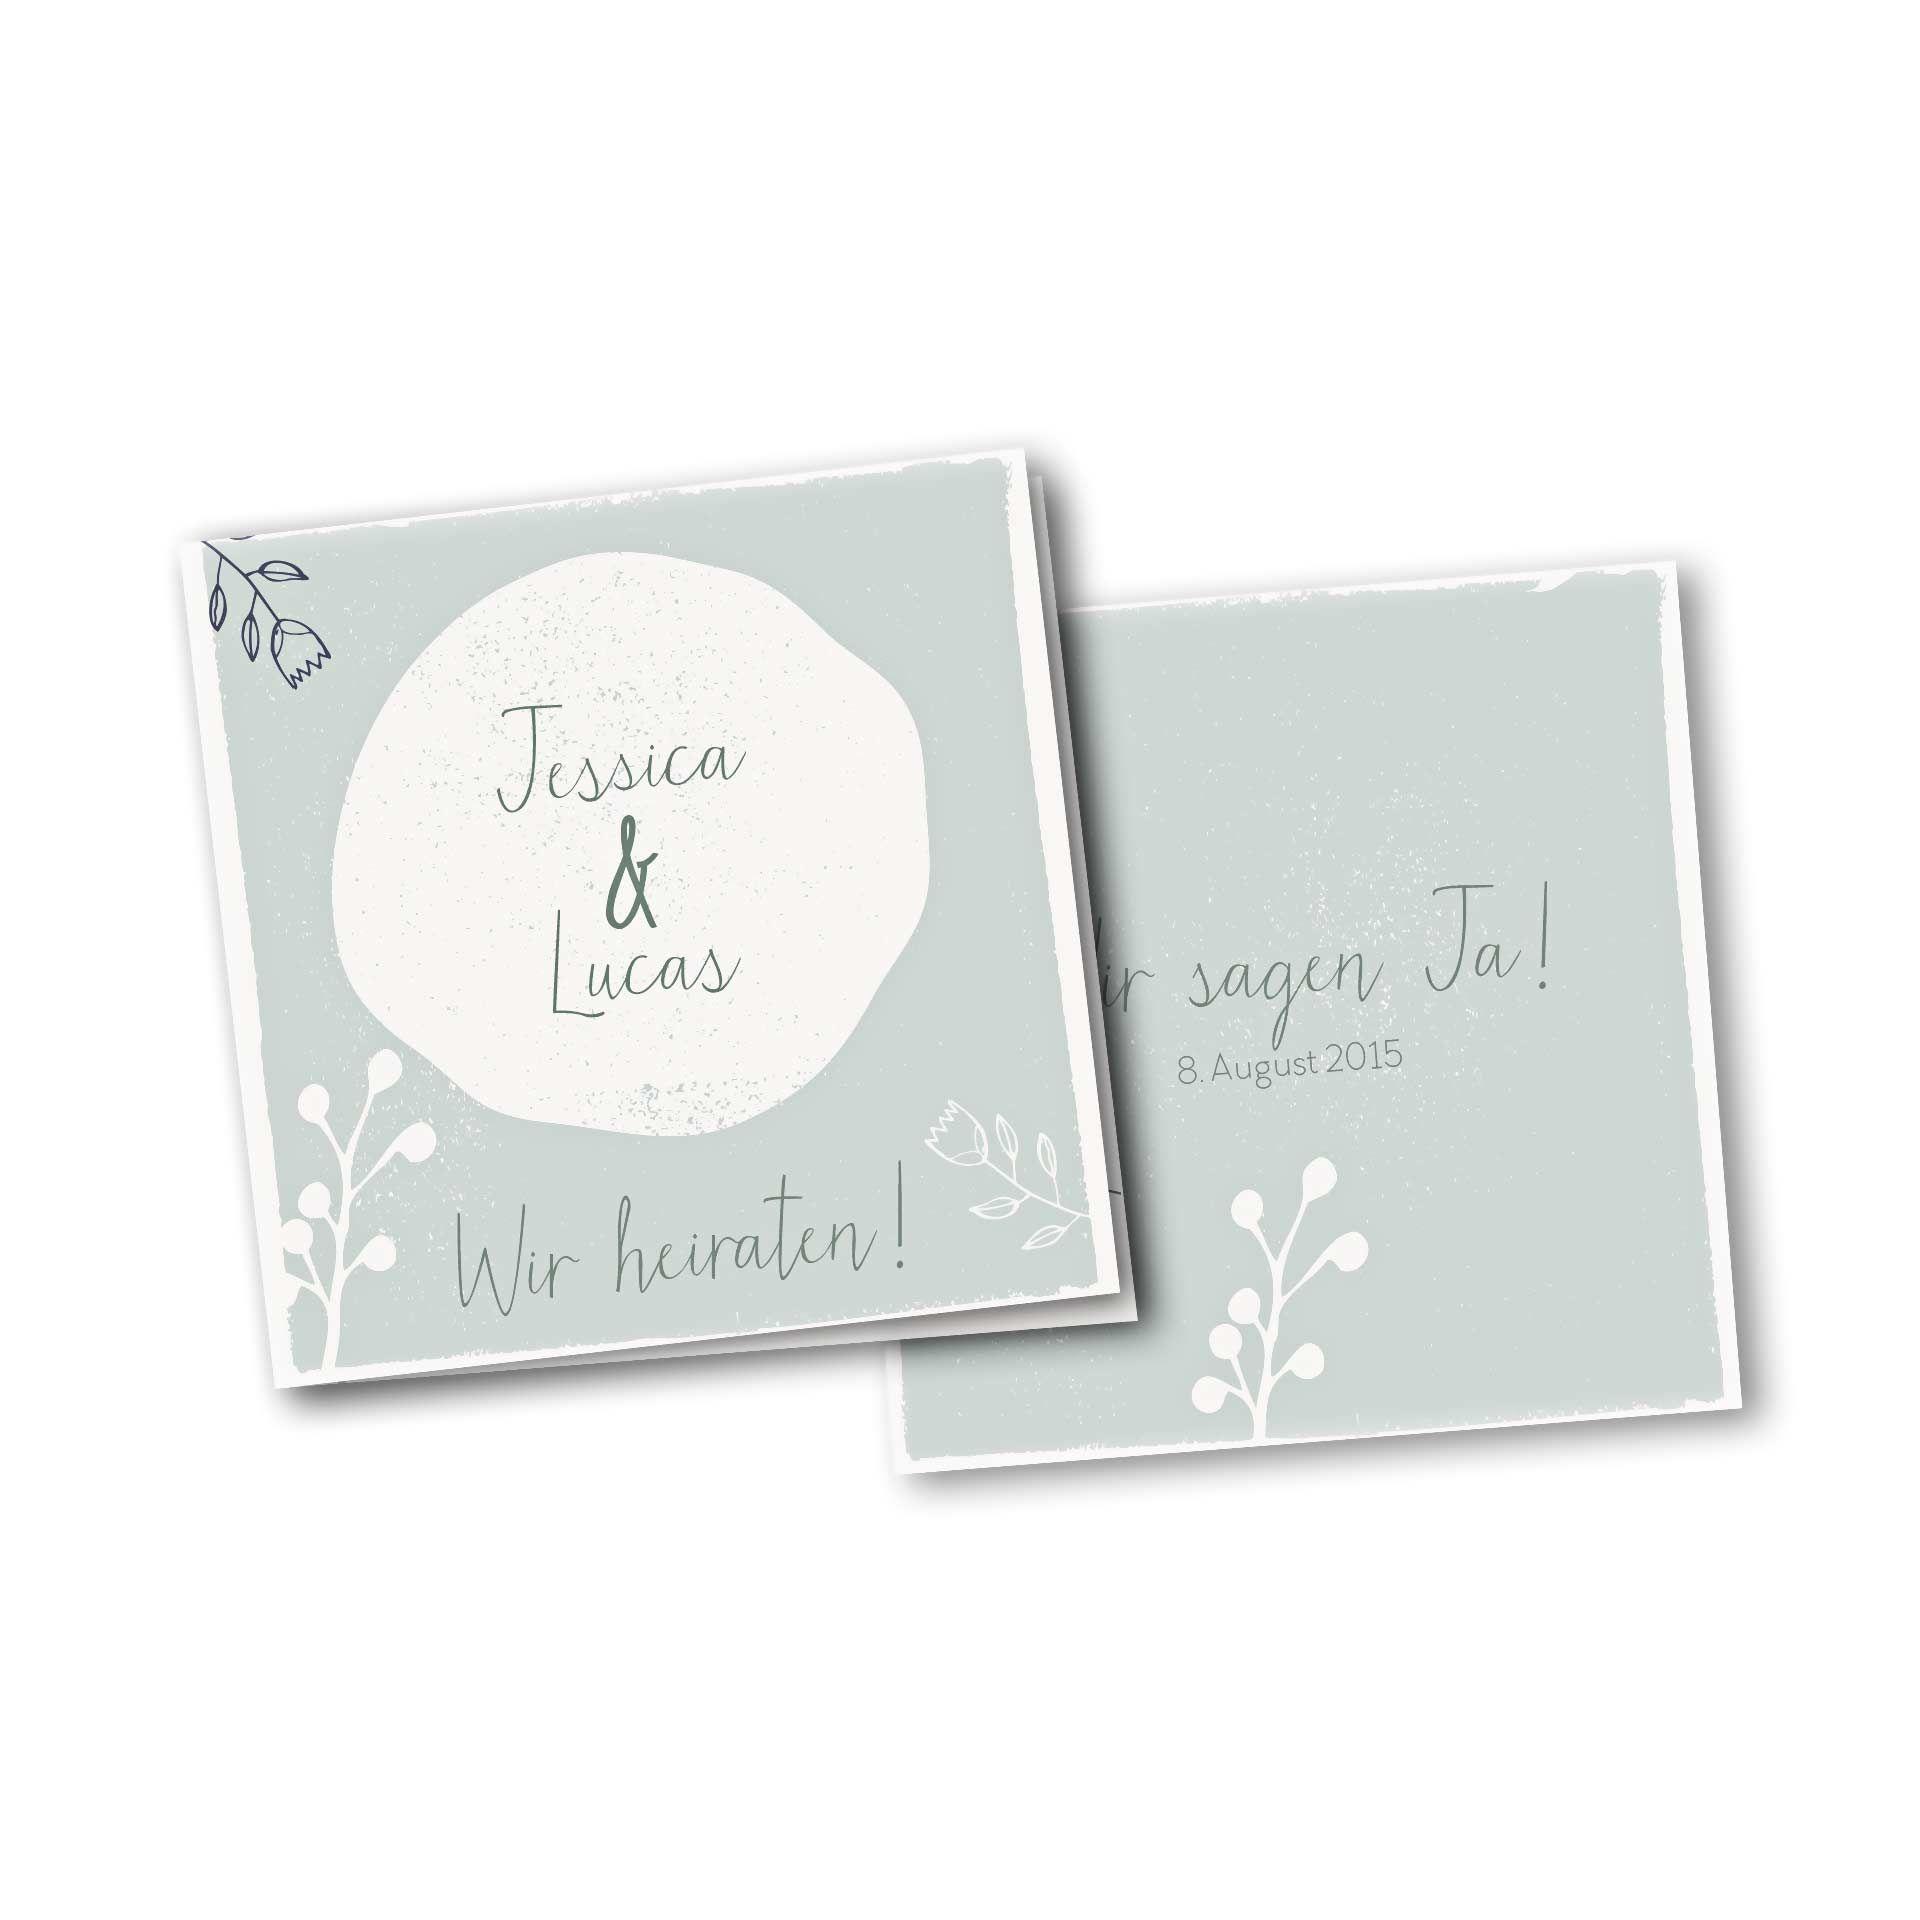 HOCHZEITSKARTEN EINLADUNGSKARTE U2013 4 SEITER QUADRATISCH Kartendesign Retro  Hochzeit #einladungskarten #hochzeitseinladung #karten